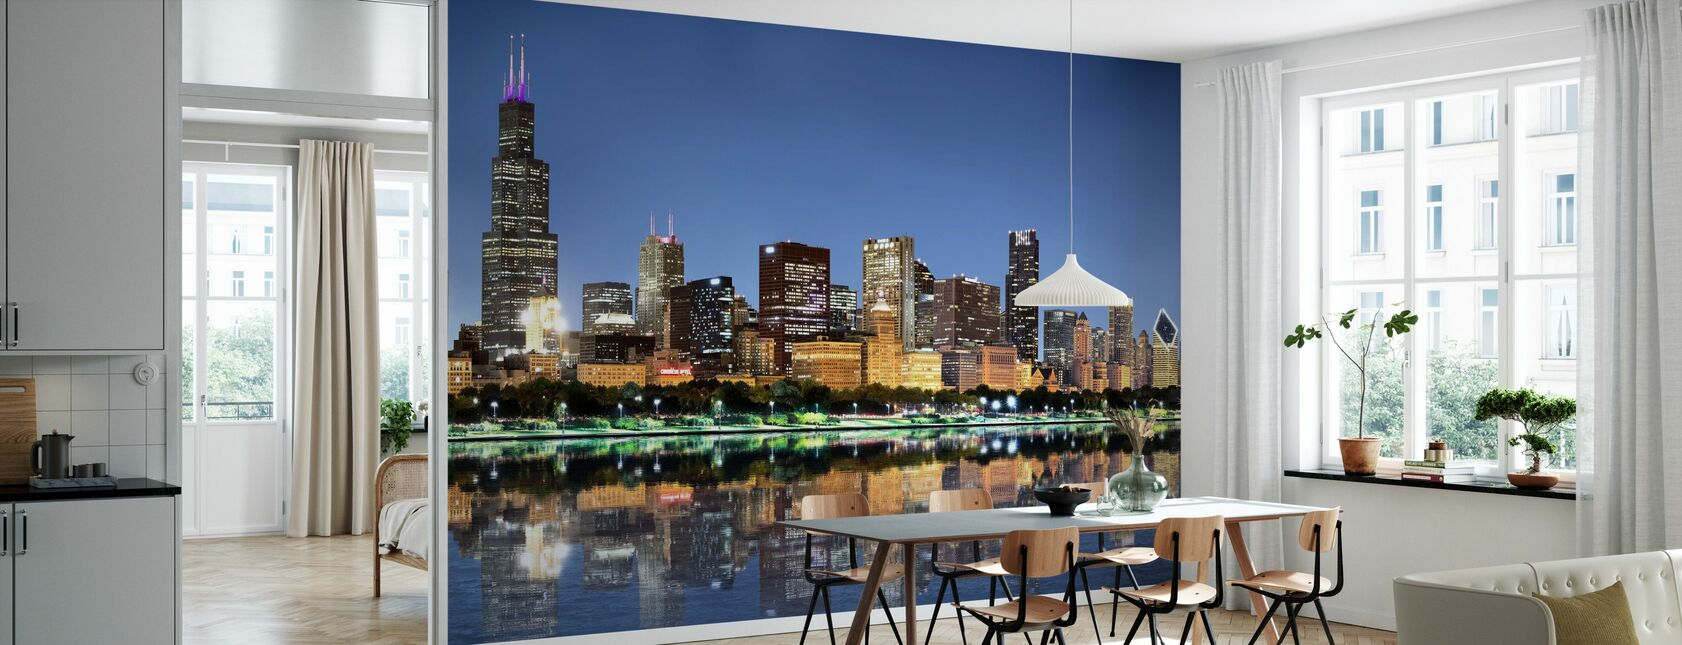 Chicago Skyline - Wallpaper - Kitchen